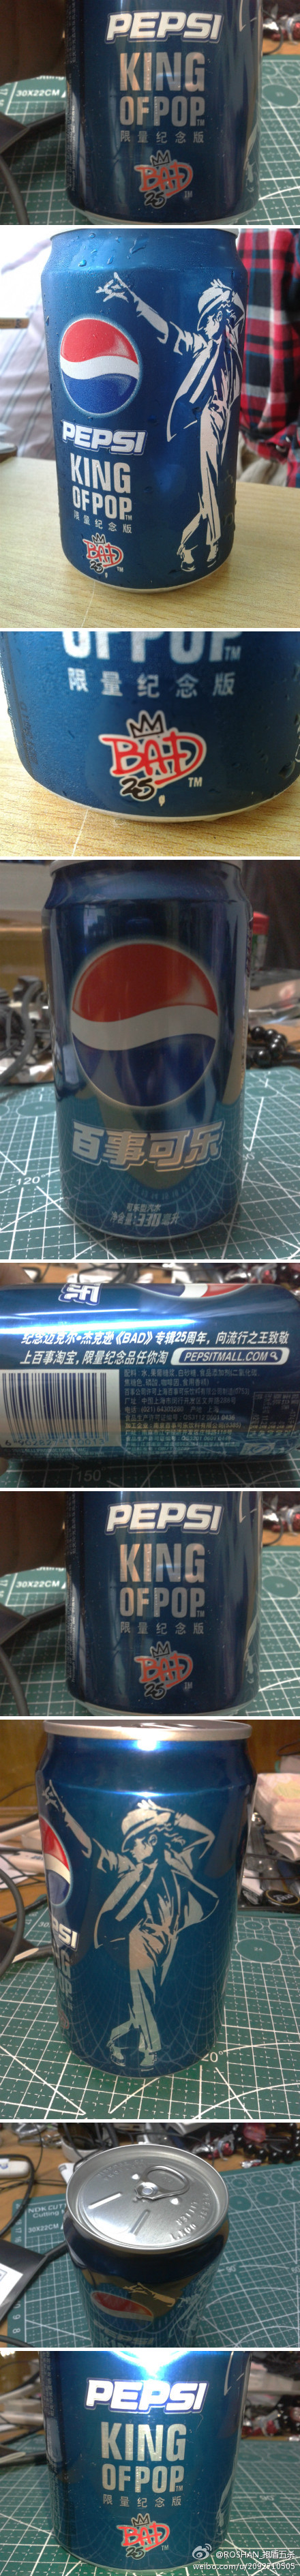 Lattine Pepsi dedicate a Bad 25 - Non arriveranno in Italia 012643pqhu7uzqh2zzjqs0